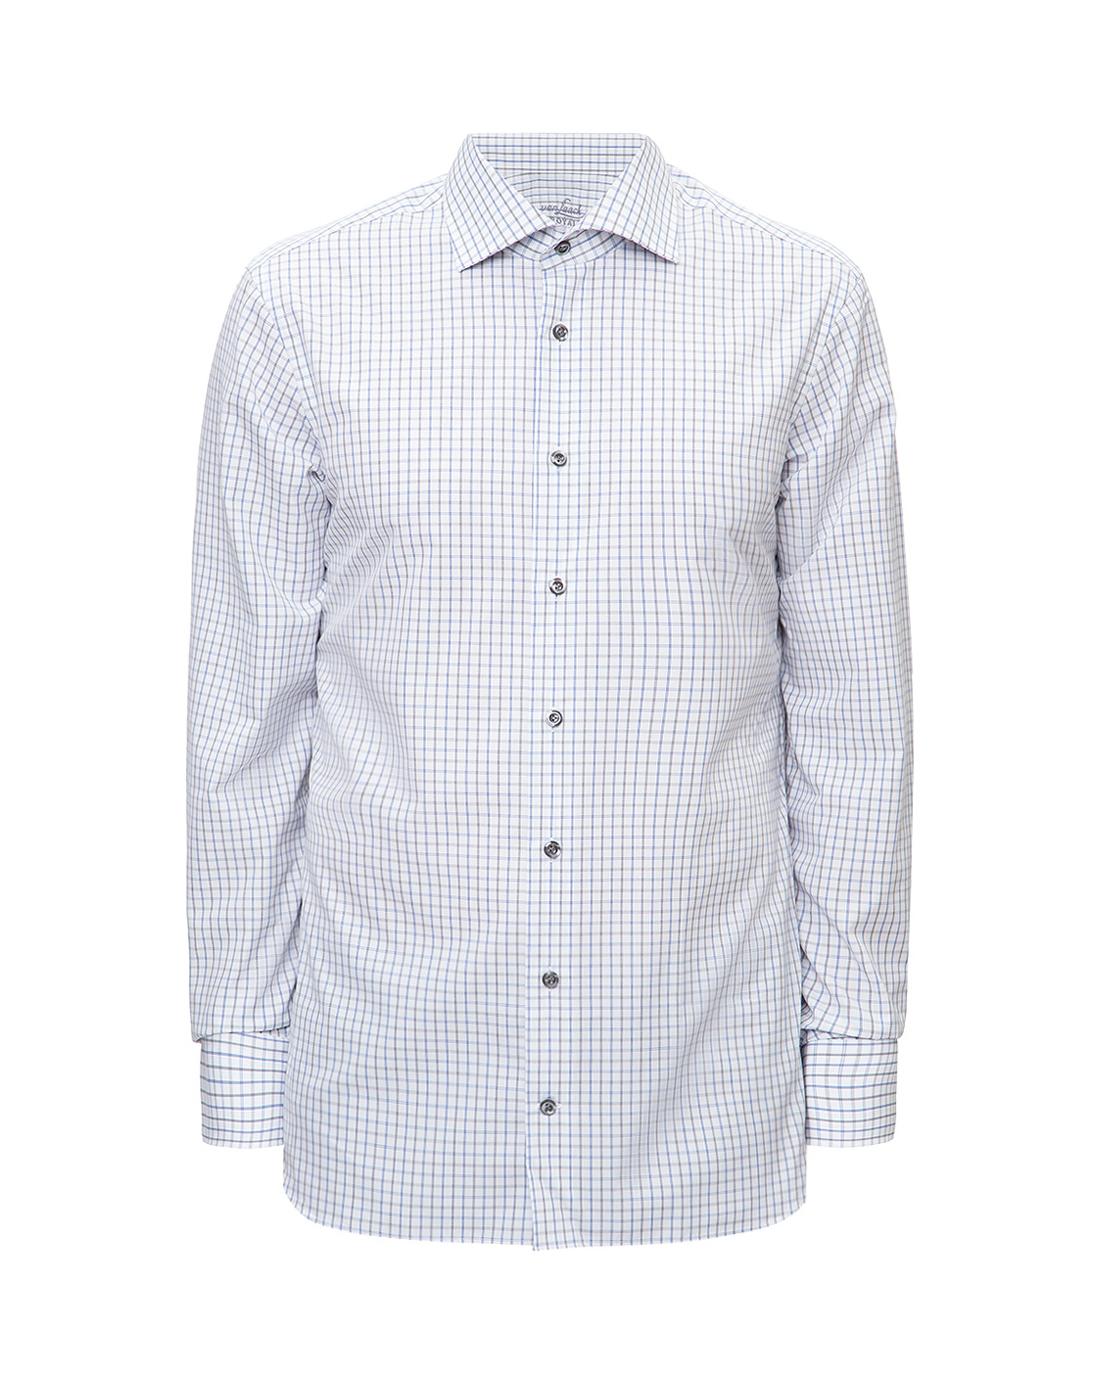 Мужская белая рубашка в клетку Van Laack S151714/007-1